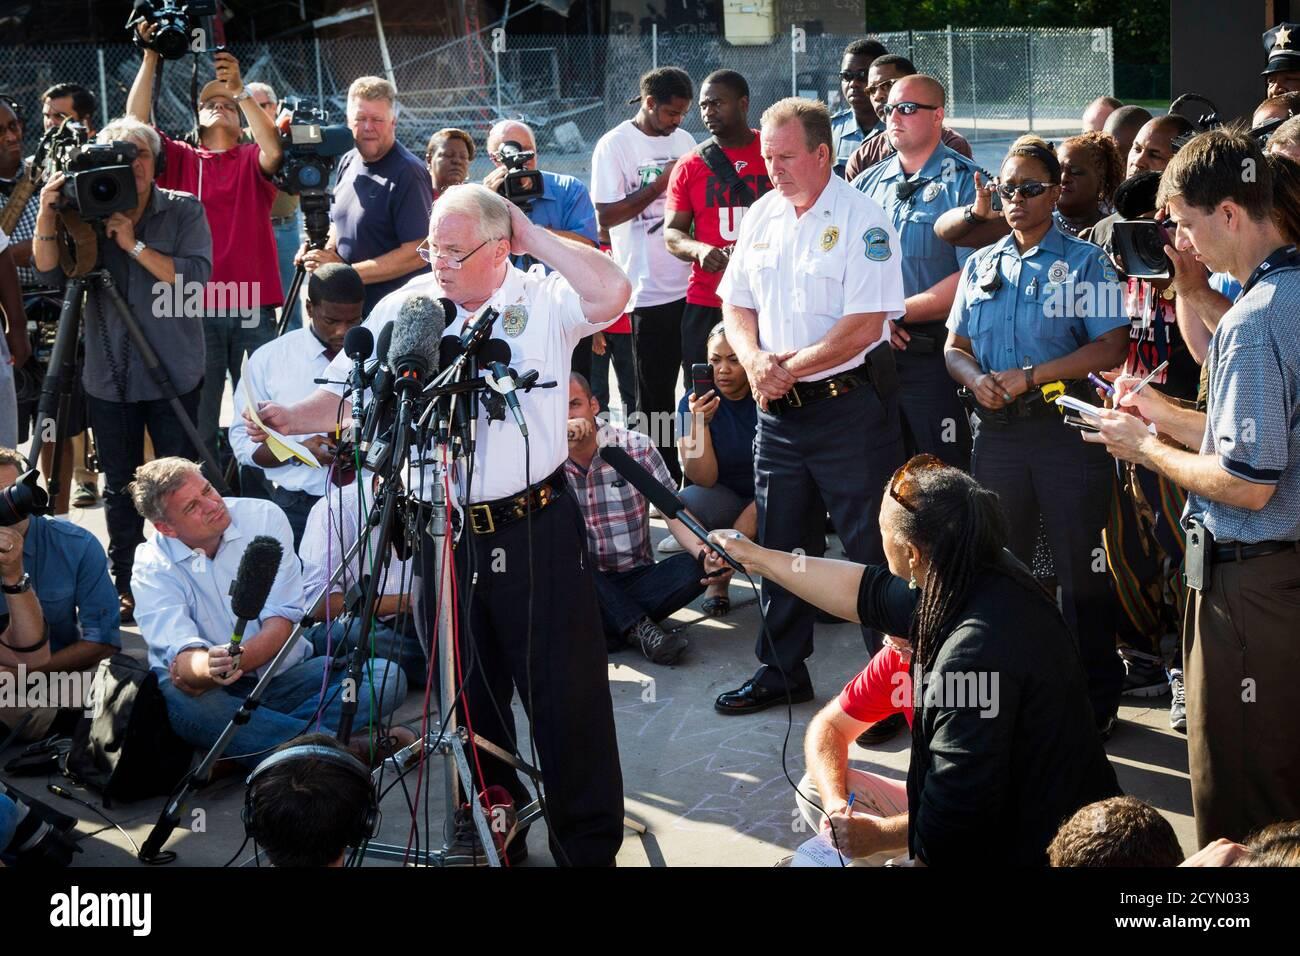 El Jefe de Policía de Ferguson, Thomas Jackson, anuncia el nombre del oficial involucrado en el tiroteo de Michael Brown como oficial Darren Wilson, en Ferguson, Missouri, 15 de agosto de 2014. El informe se celebró cerca de una tienda de conveniencia QuikTrip que había sido incendiada en medio de protestas por el tiroteo de Brown, 18, el sábado pasado. REUTERS/Lucas Jackson (ESTADOS UNIDOS - Tags: DERECHO PENAL DE DISTURBIOS CIVILES) Foto de stock